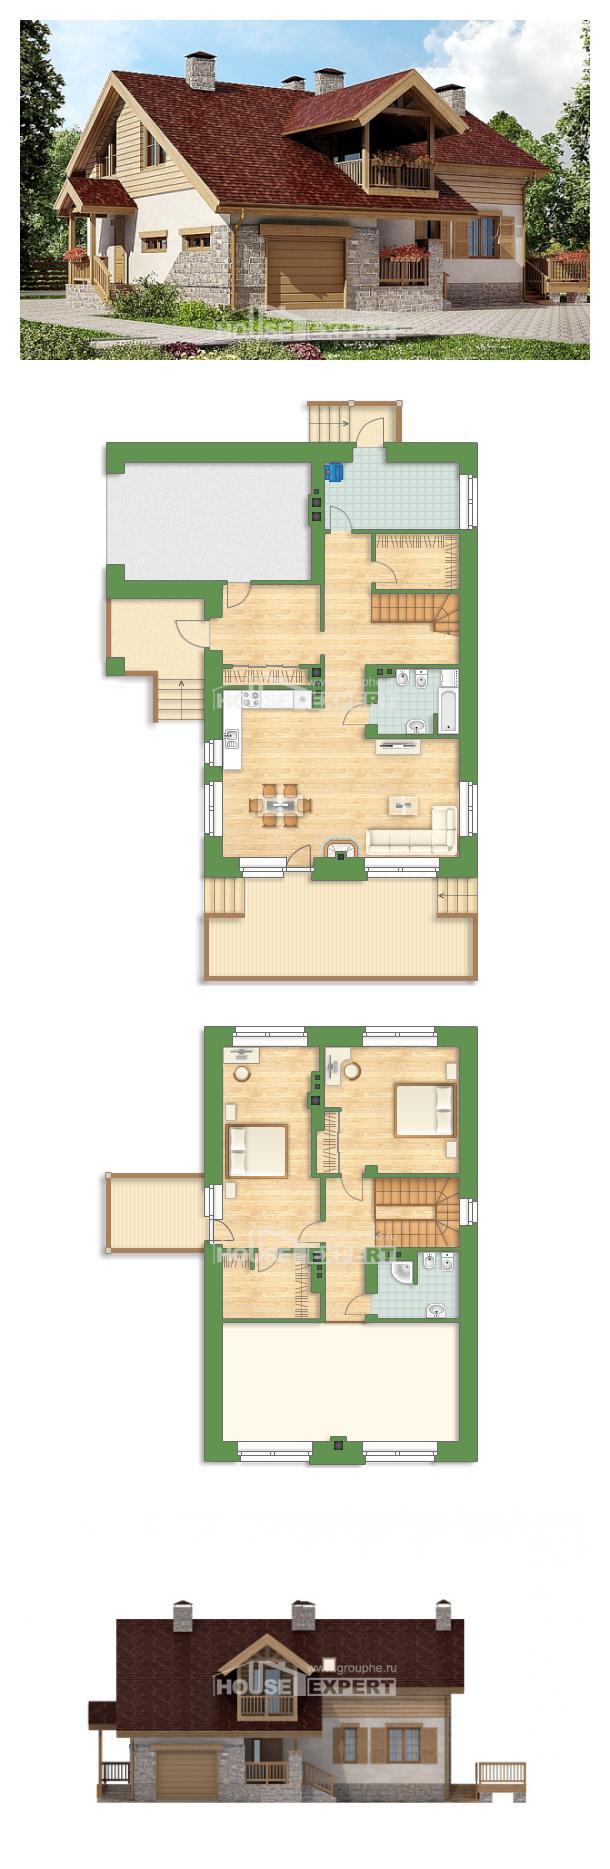 房子的设计 165-002-R   House Expert